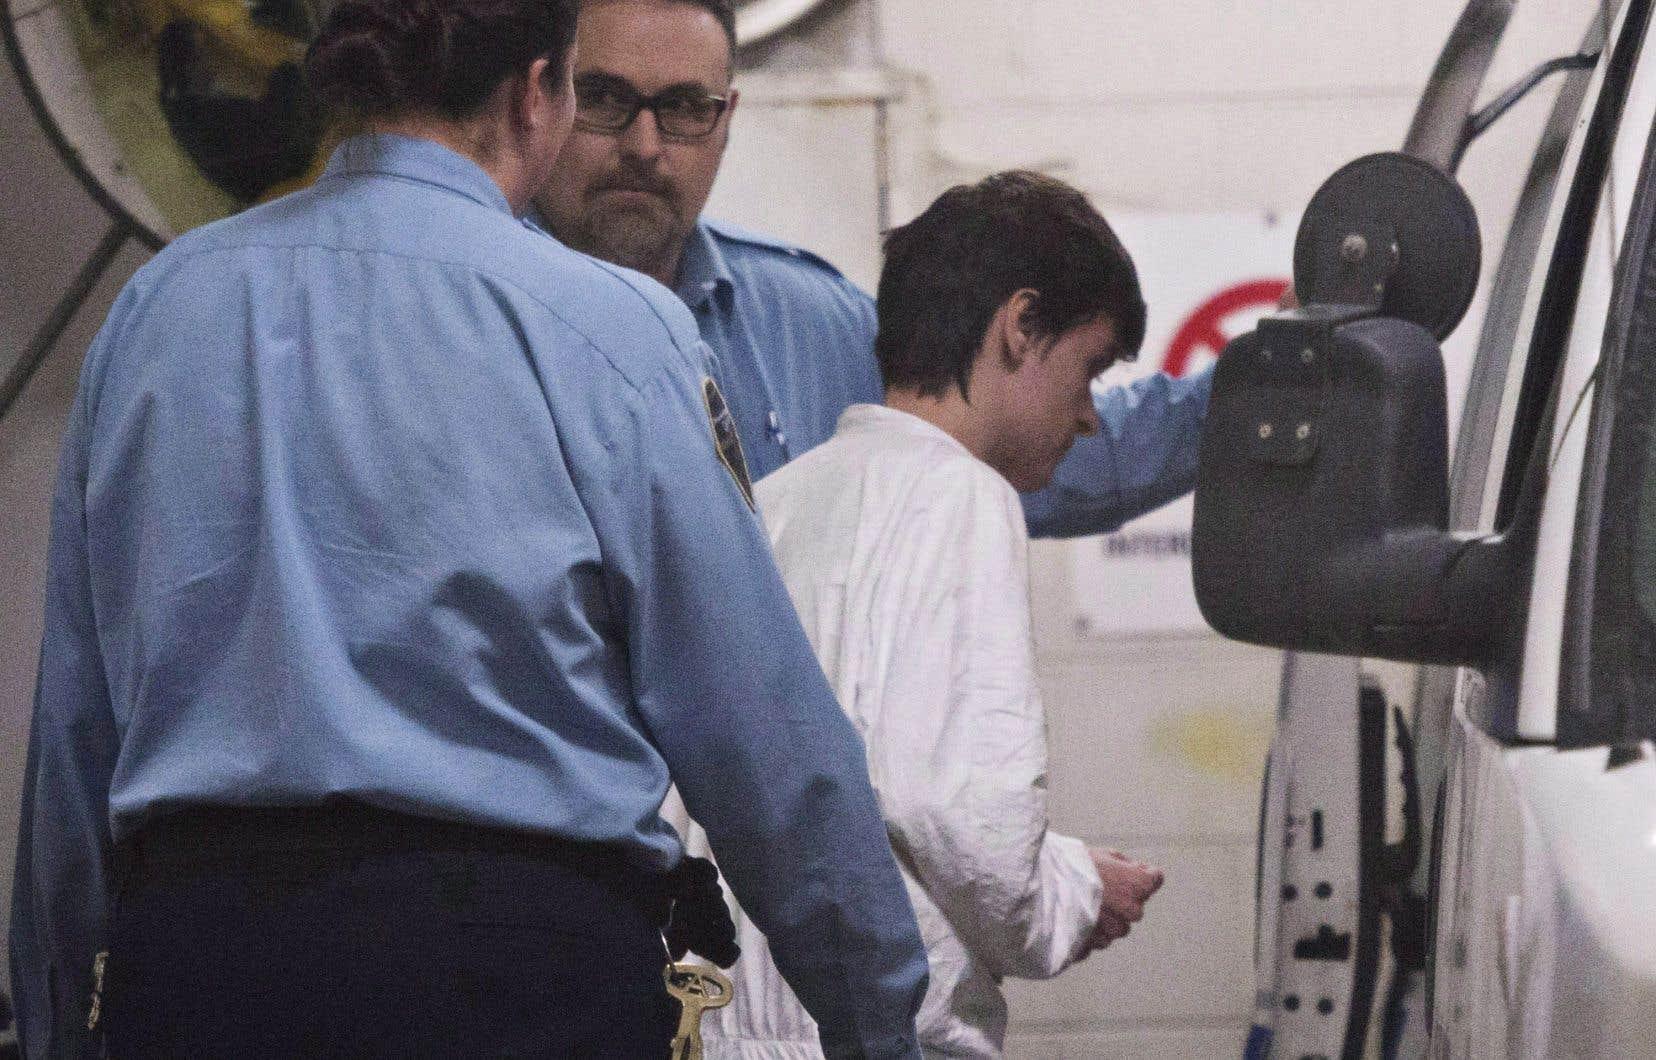 Le 27novembre, la Cour d'appel du Québec a recommandé que la peine imposée à l'auteur de l'attentat à la Mosquée de Québec soit ramenée à la prison à vie, sans possibilité de libération conditionnelle avant 25ans.